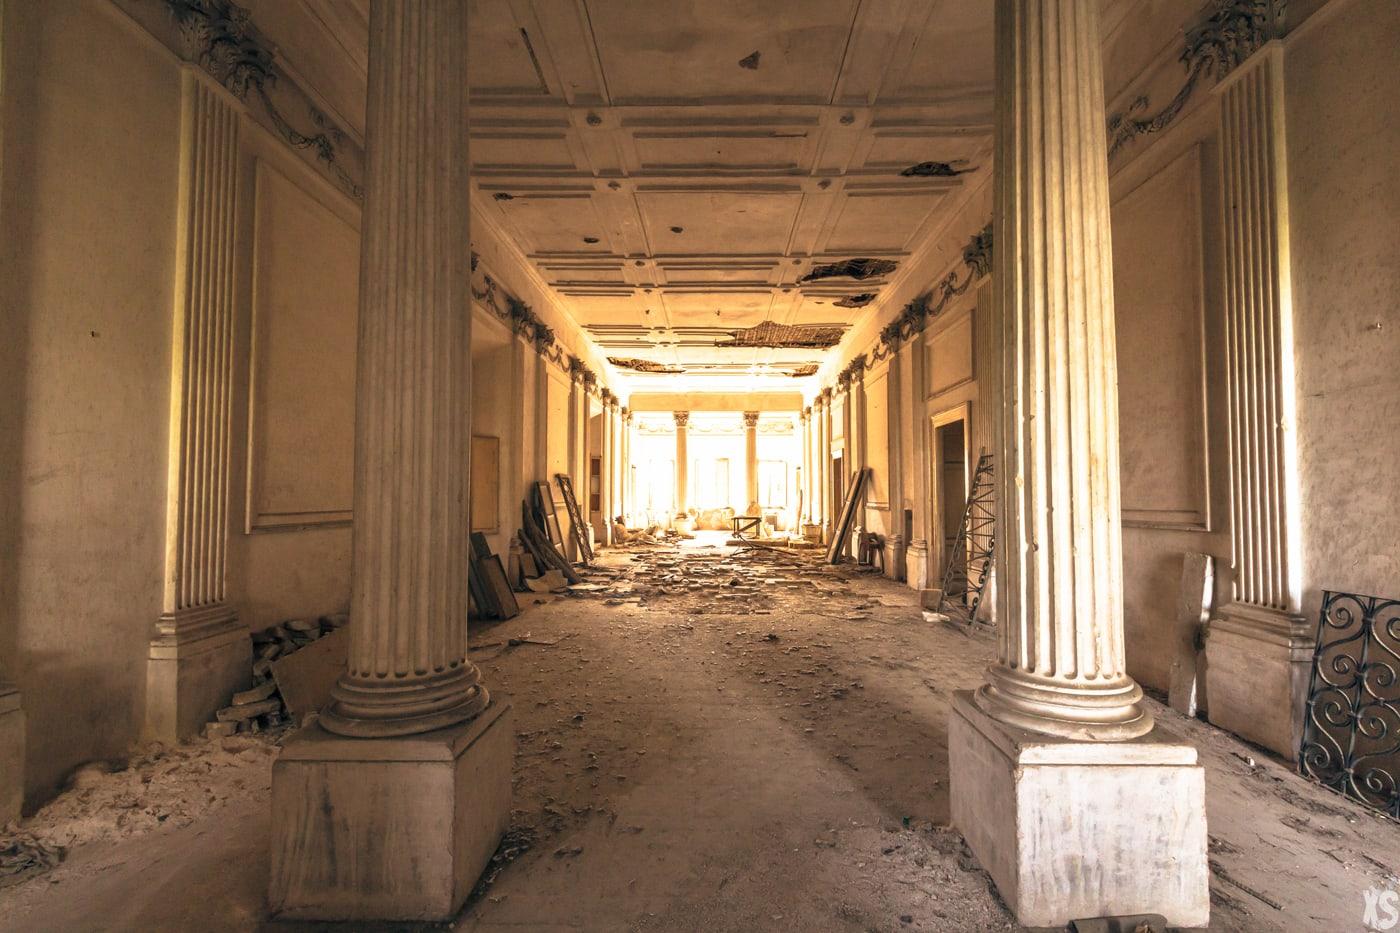 Villa abandonnée située en Italie - Urbex